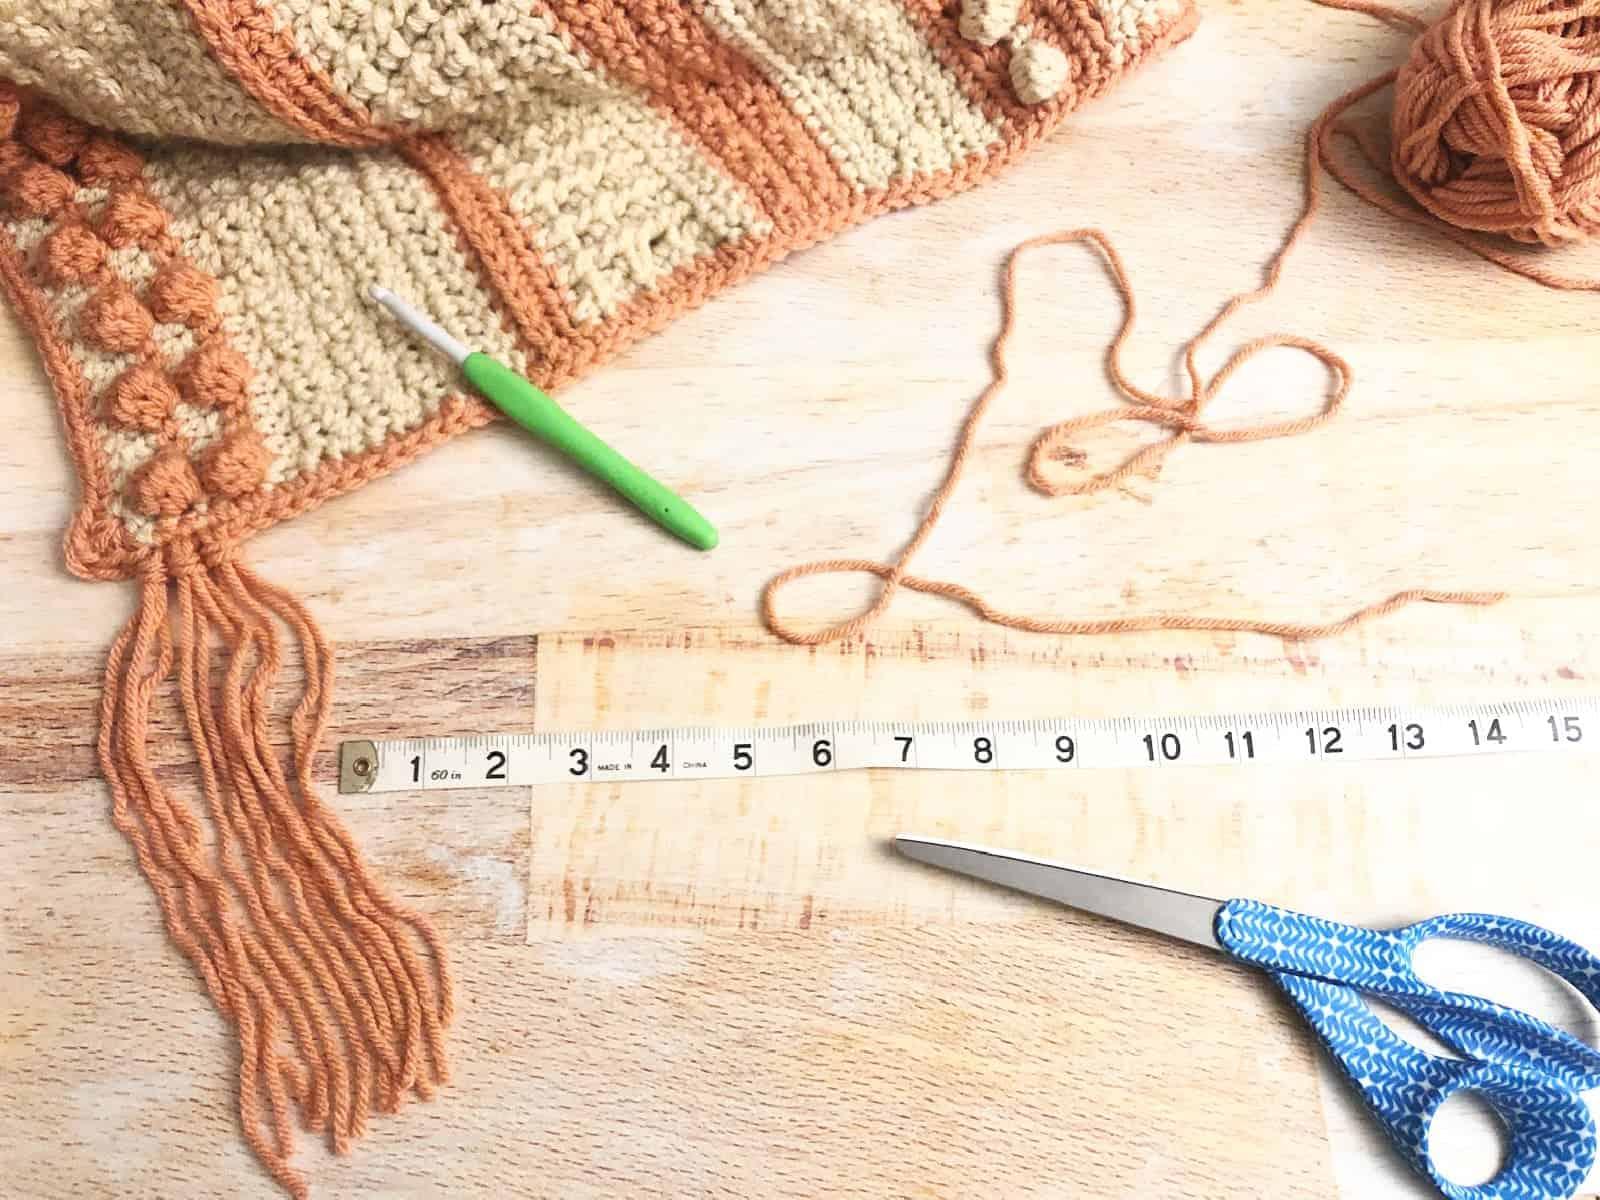 Add fringe to shawl edge.